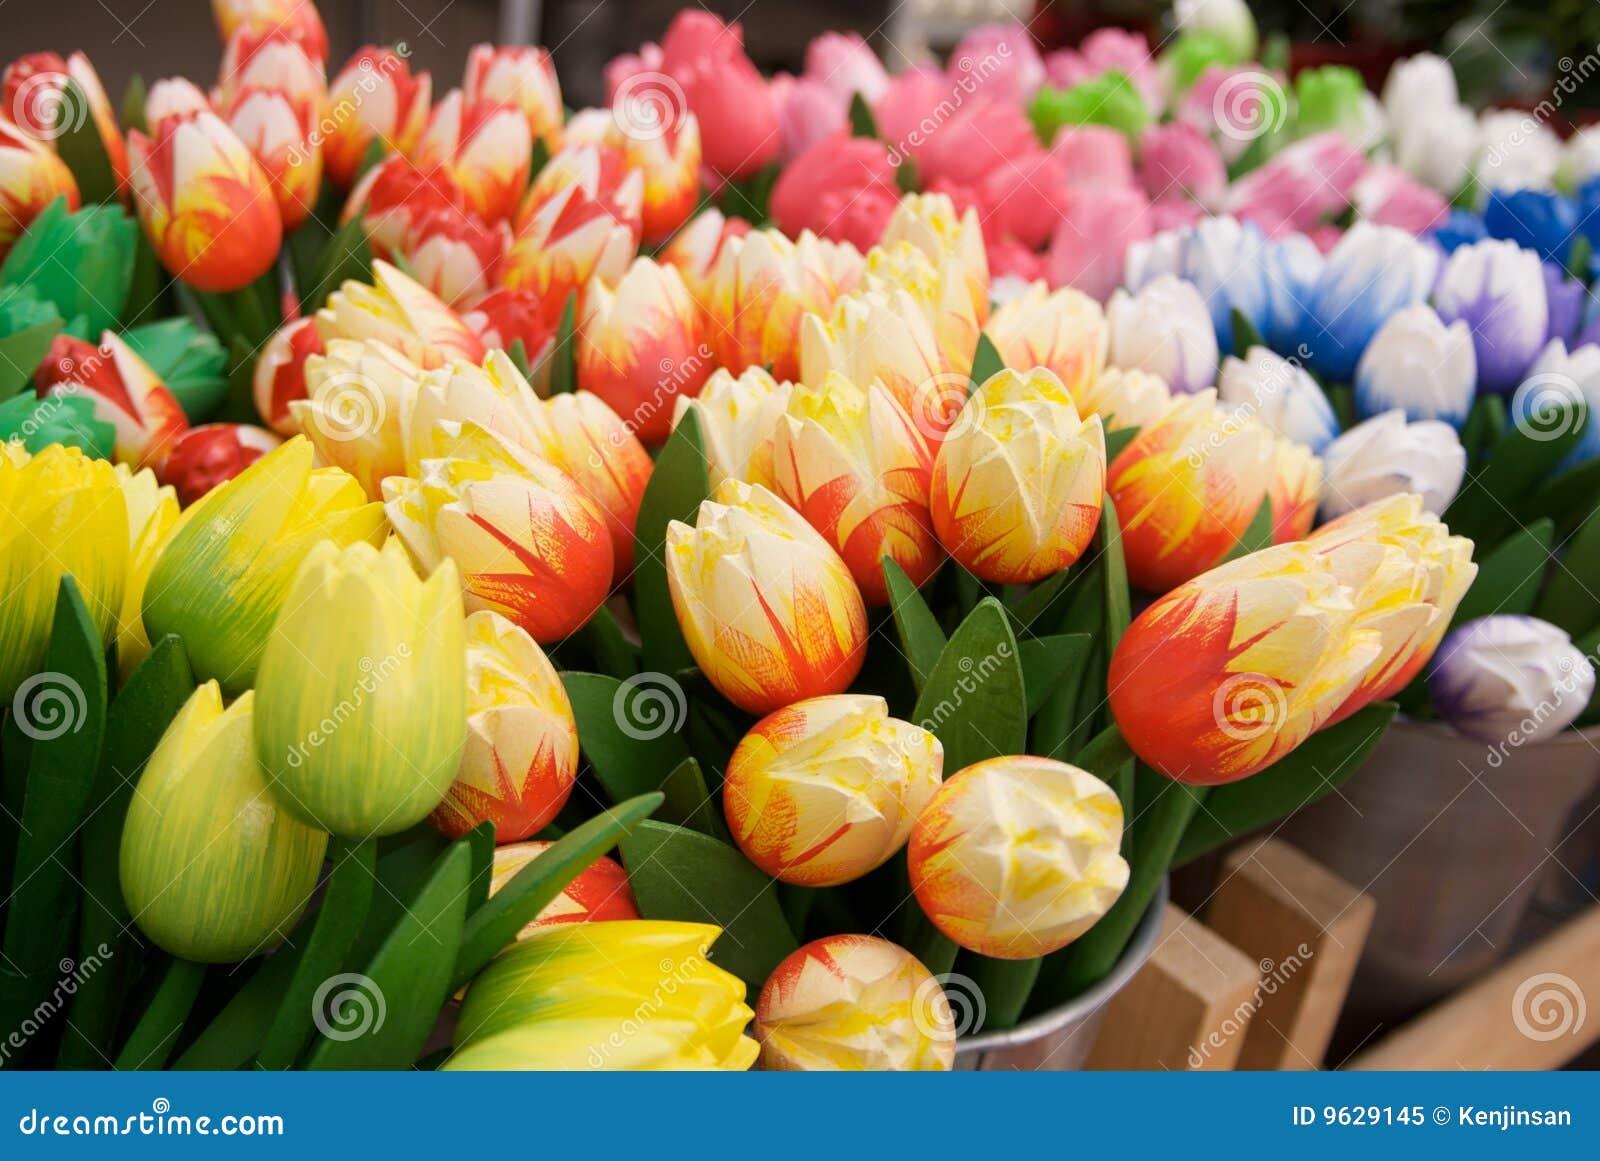 Tulipes En Bois Image Stock Image Du Fleur Coloré Holland 9629145